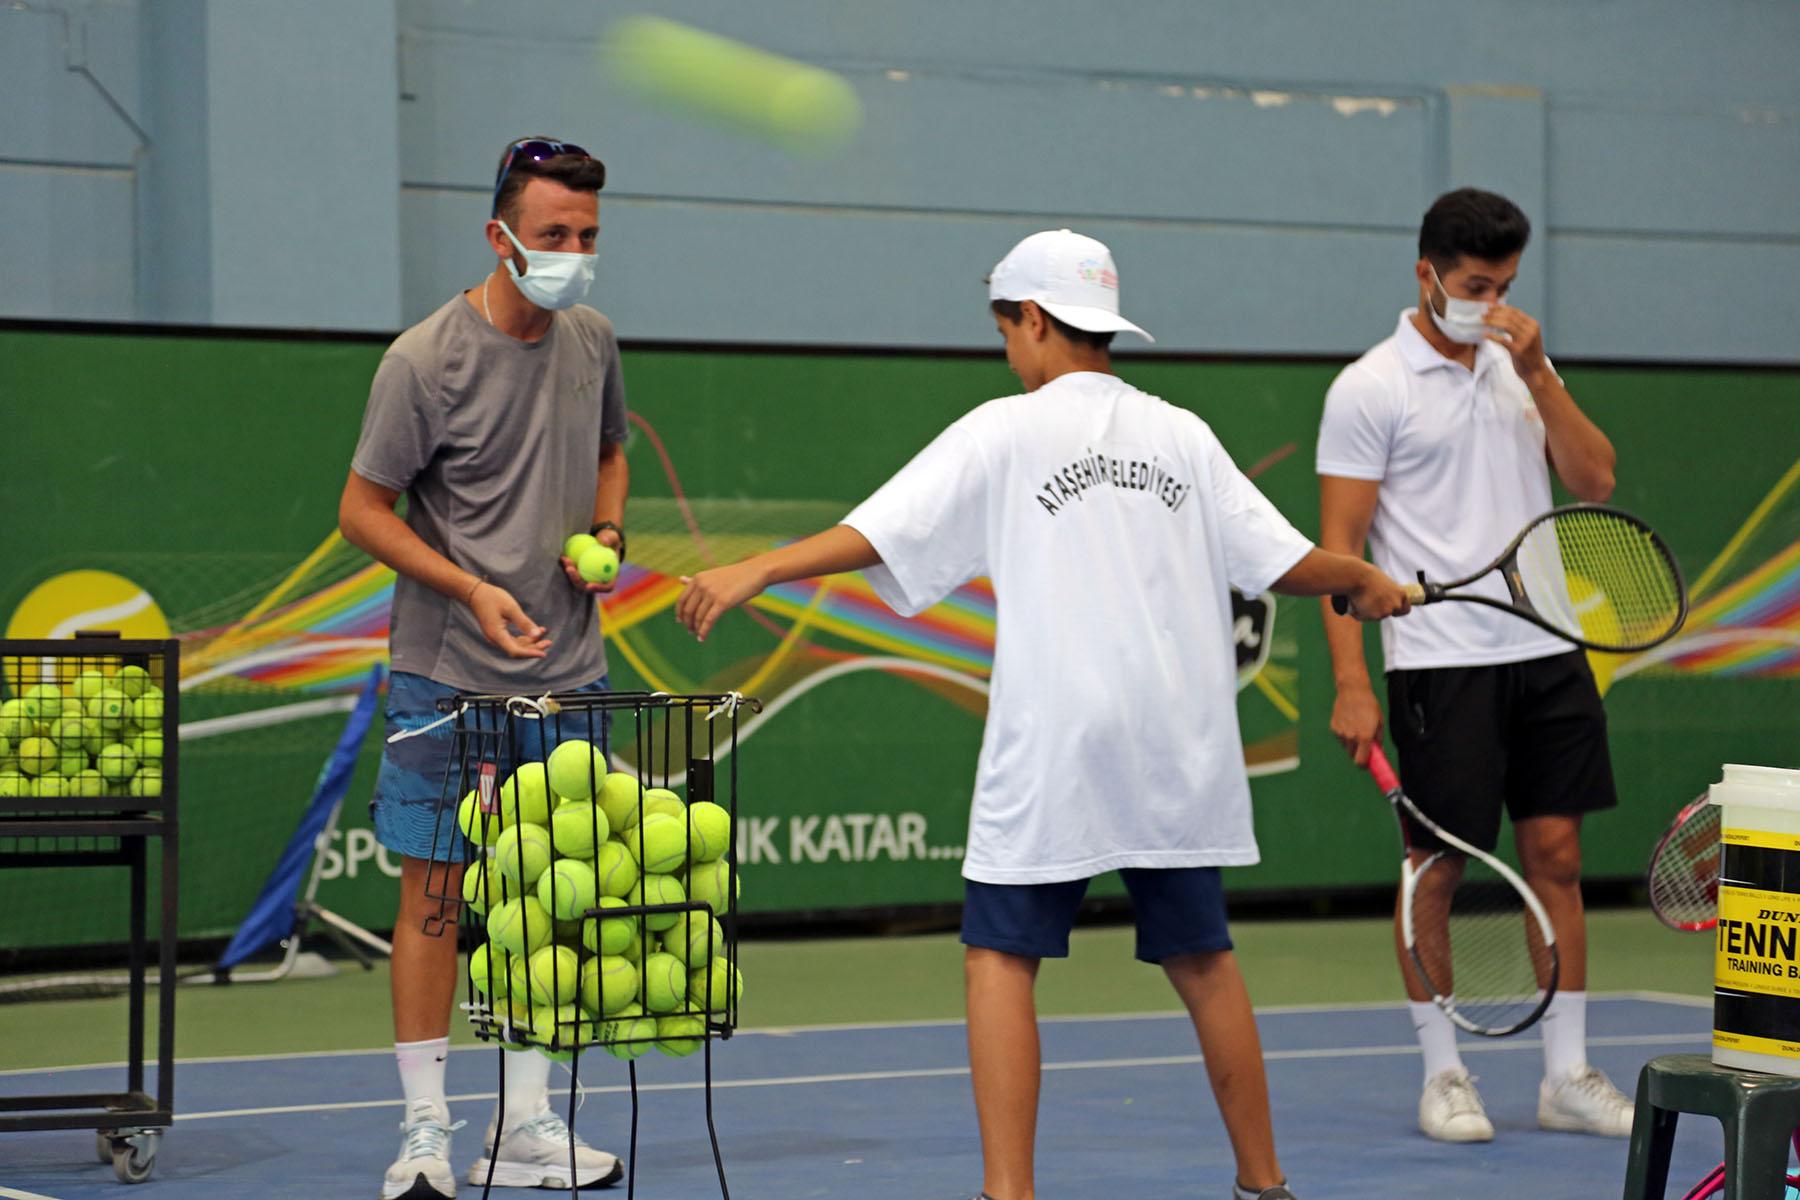 Ataşehirli çocuklar Tenisle tanıştı